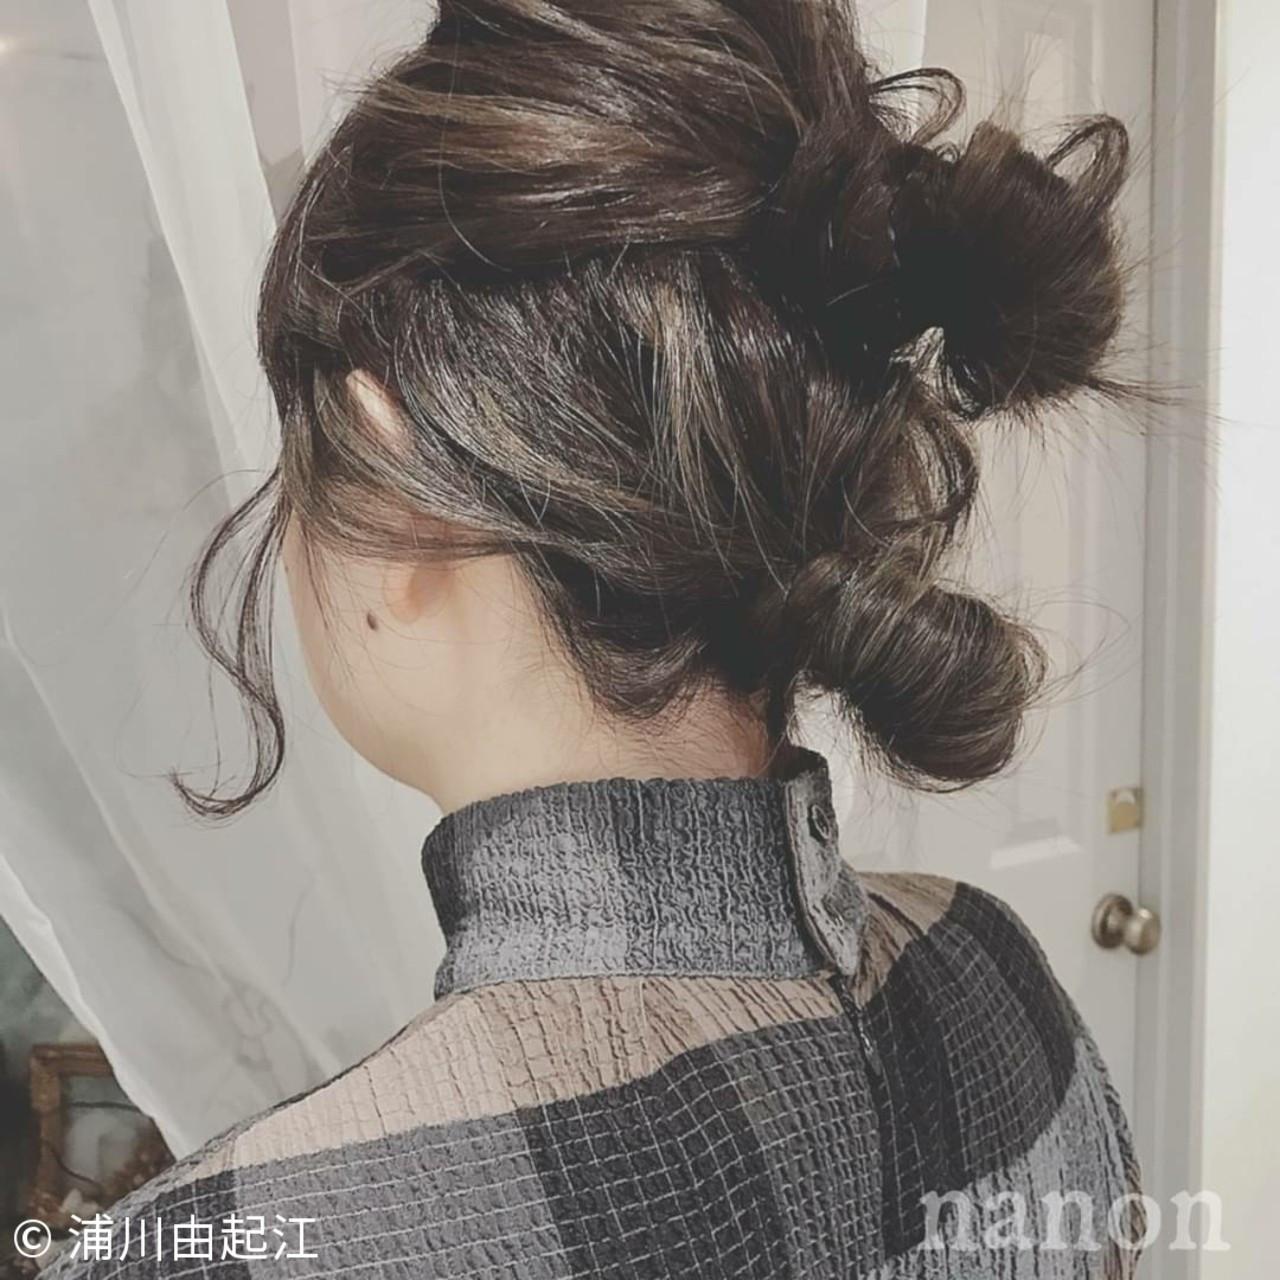 モテ髪 ナチュラル グラデーションカラー デート ヘアスタイルや髪型の写真・画像